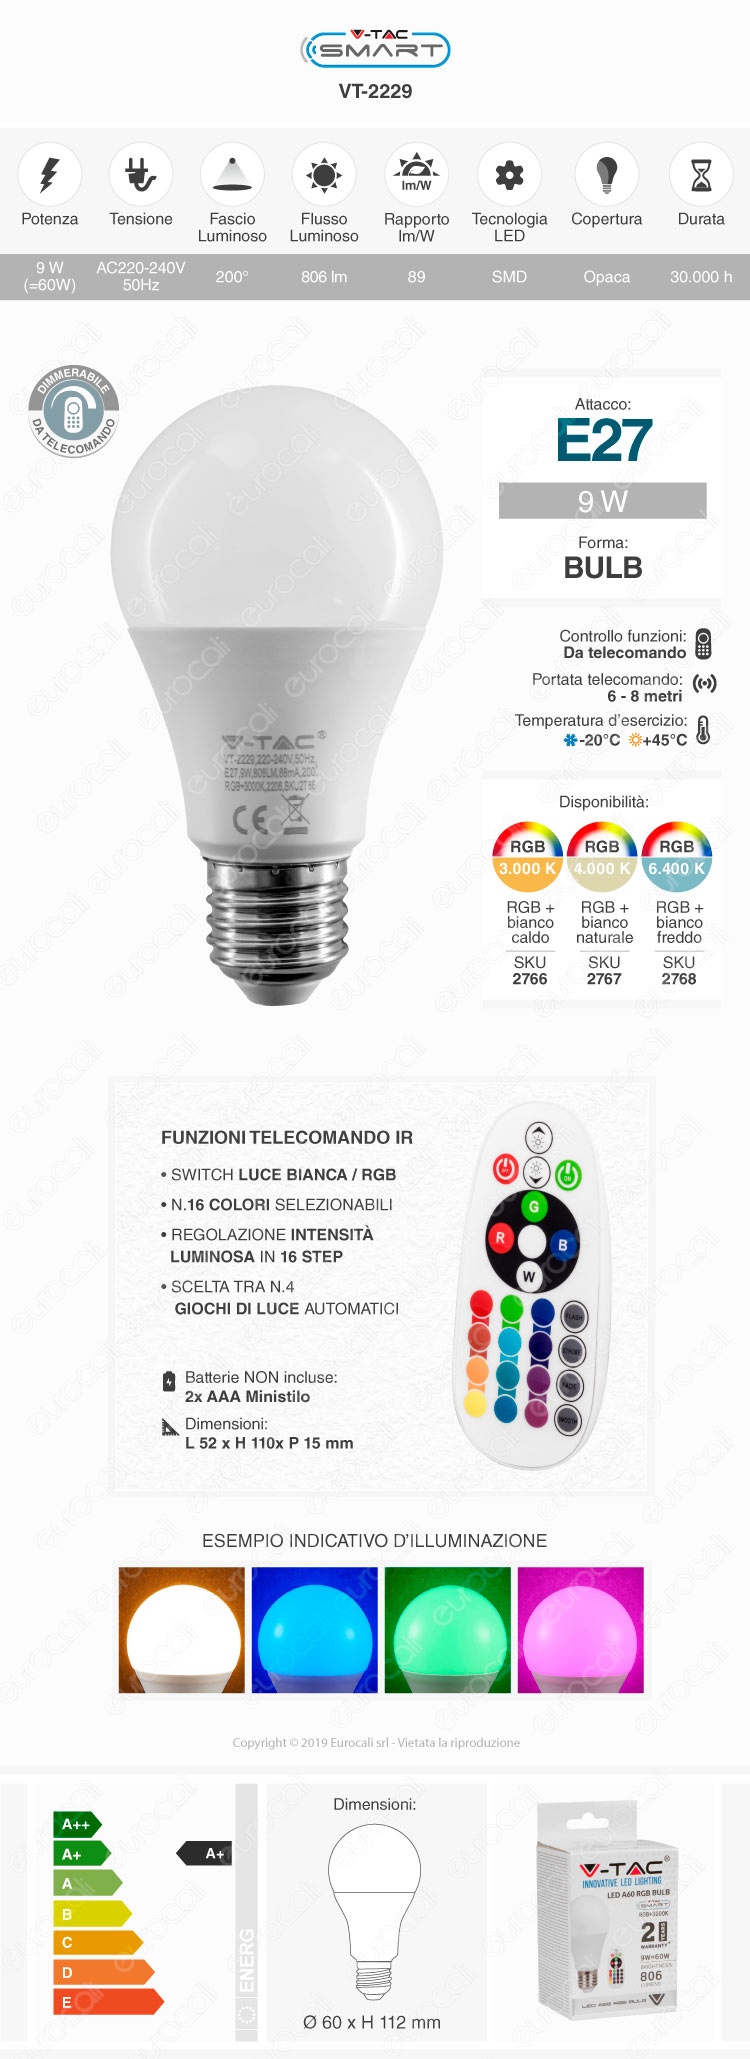 V-TAC VT-2229 Lampadina E27 RGB+W